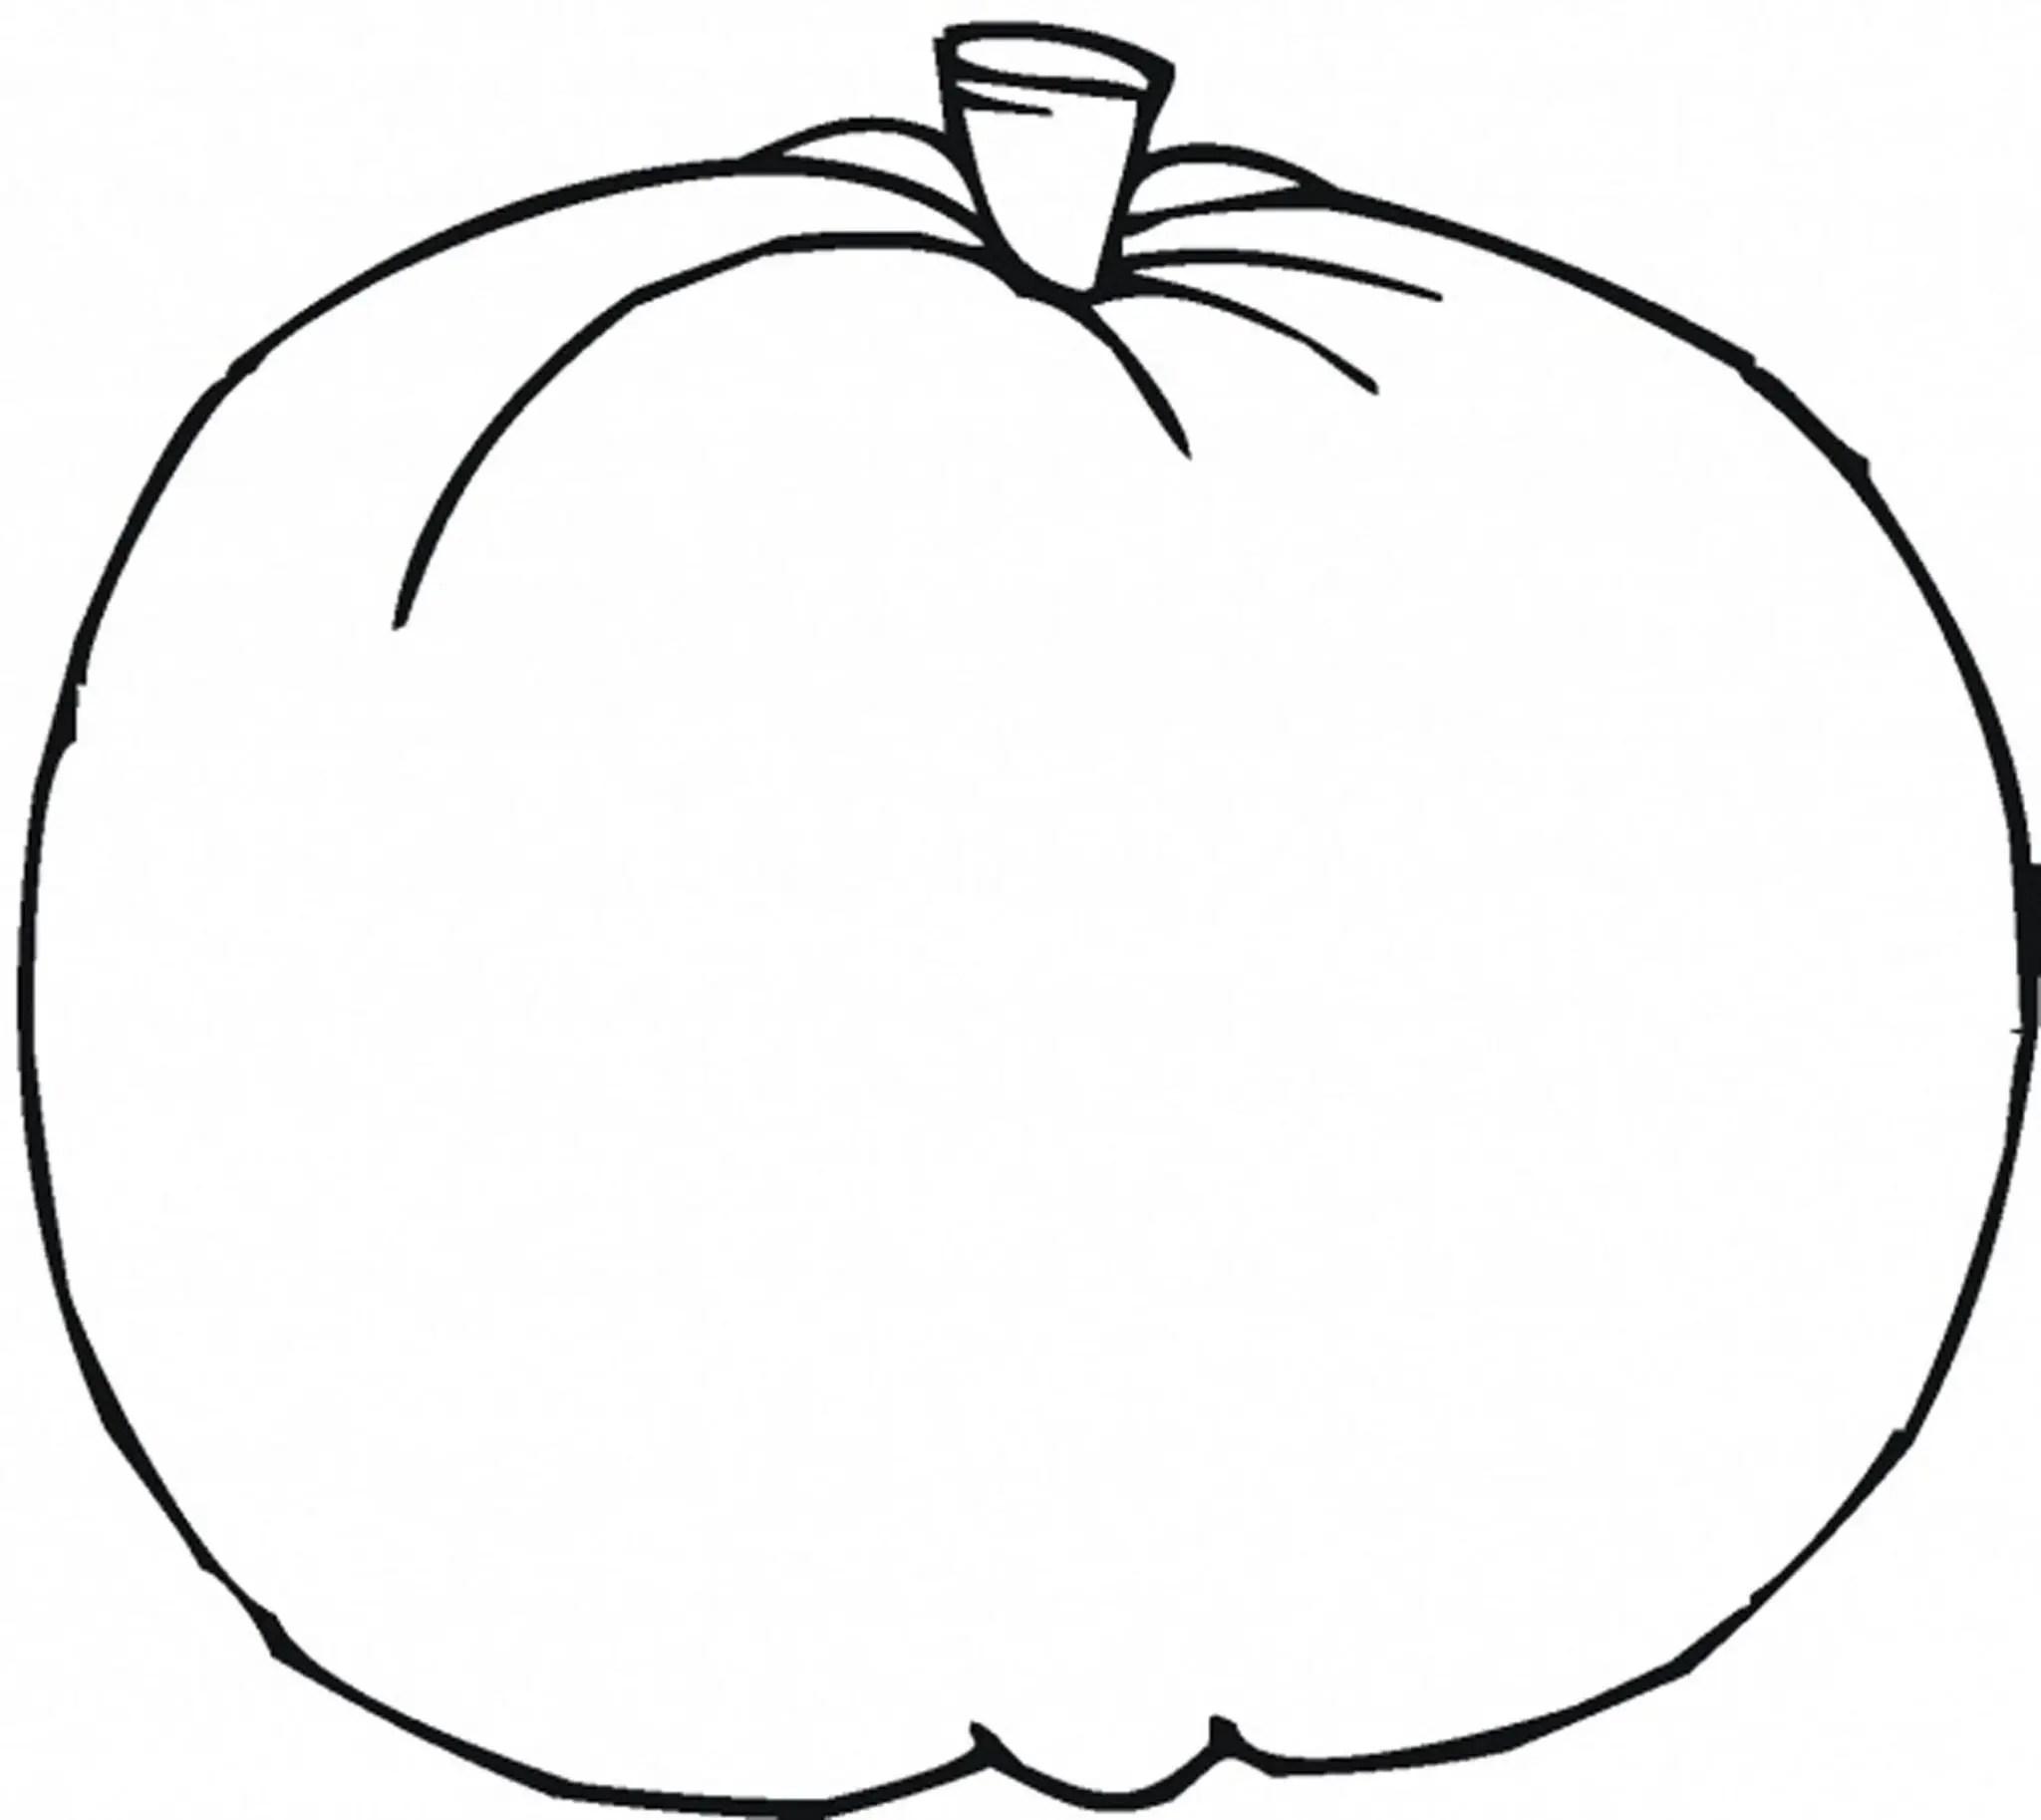 Preschool Worksheet Pumpkin Template